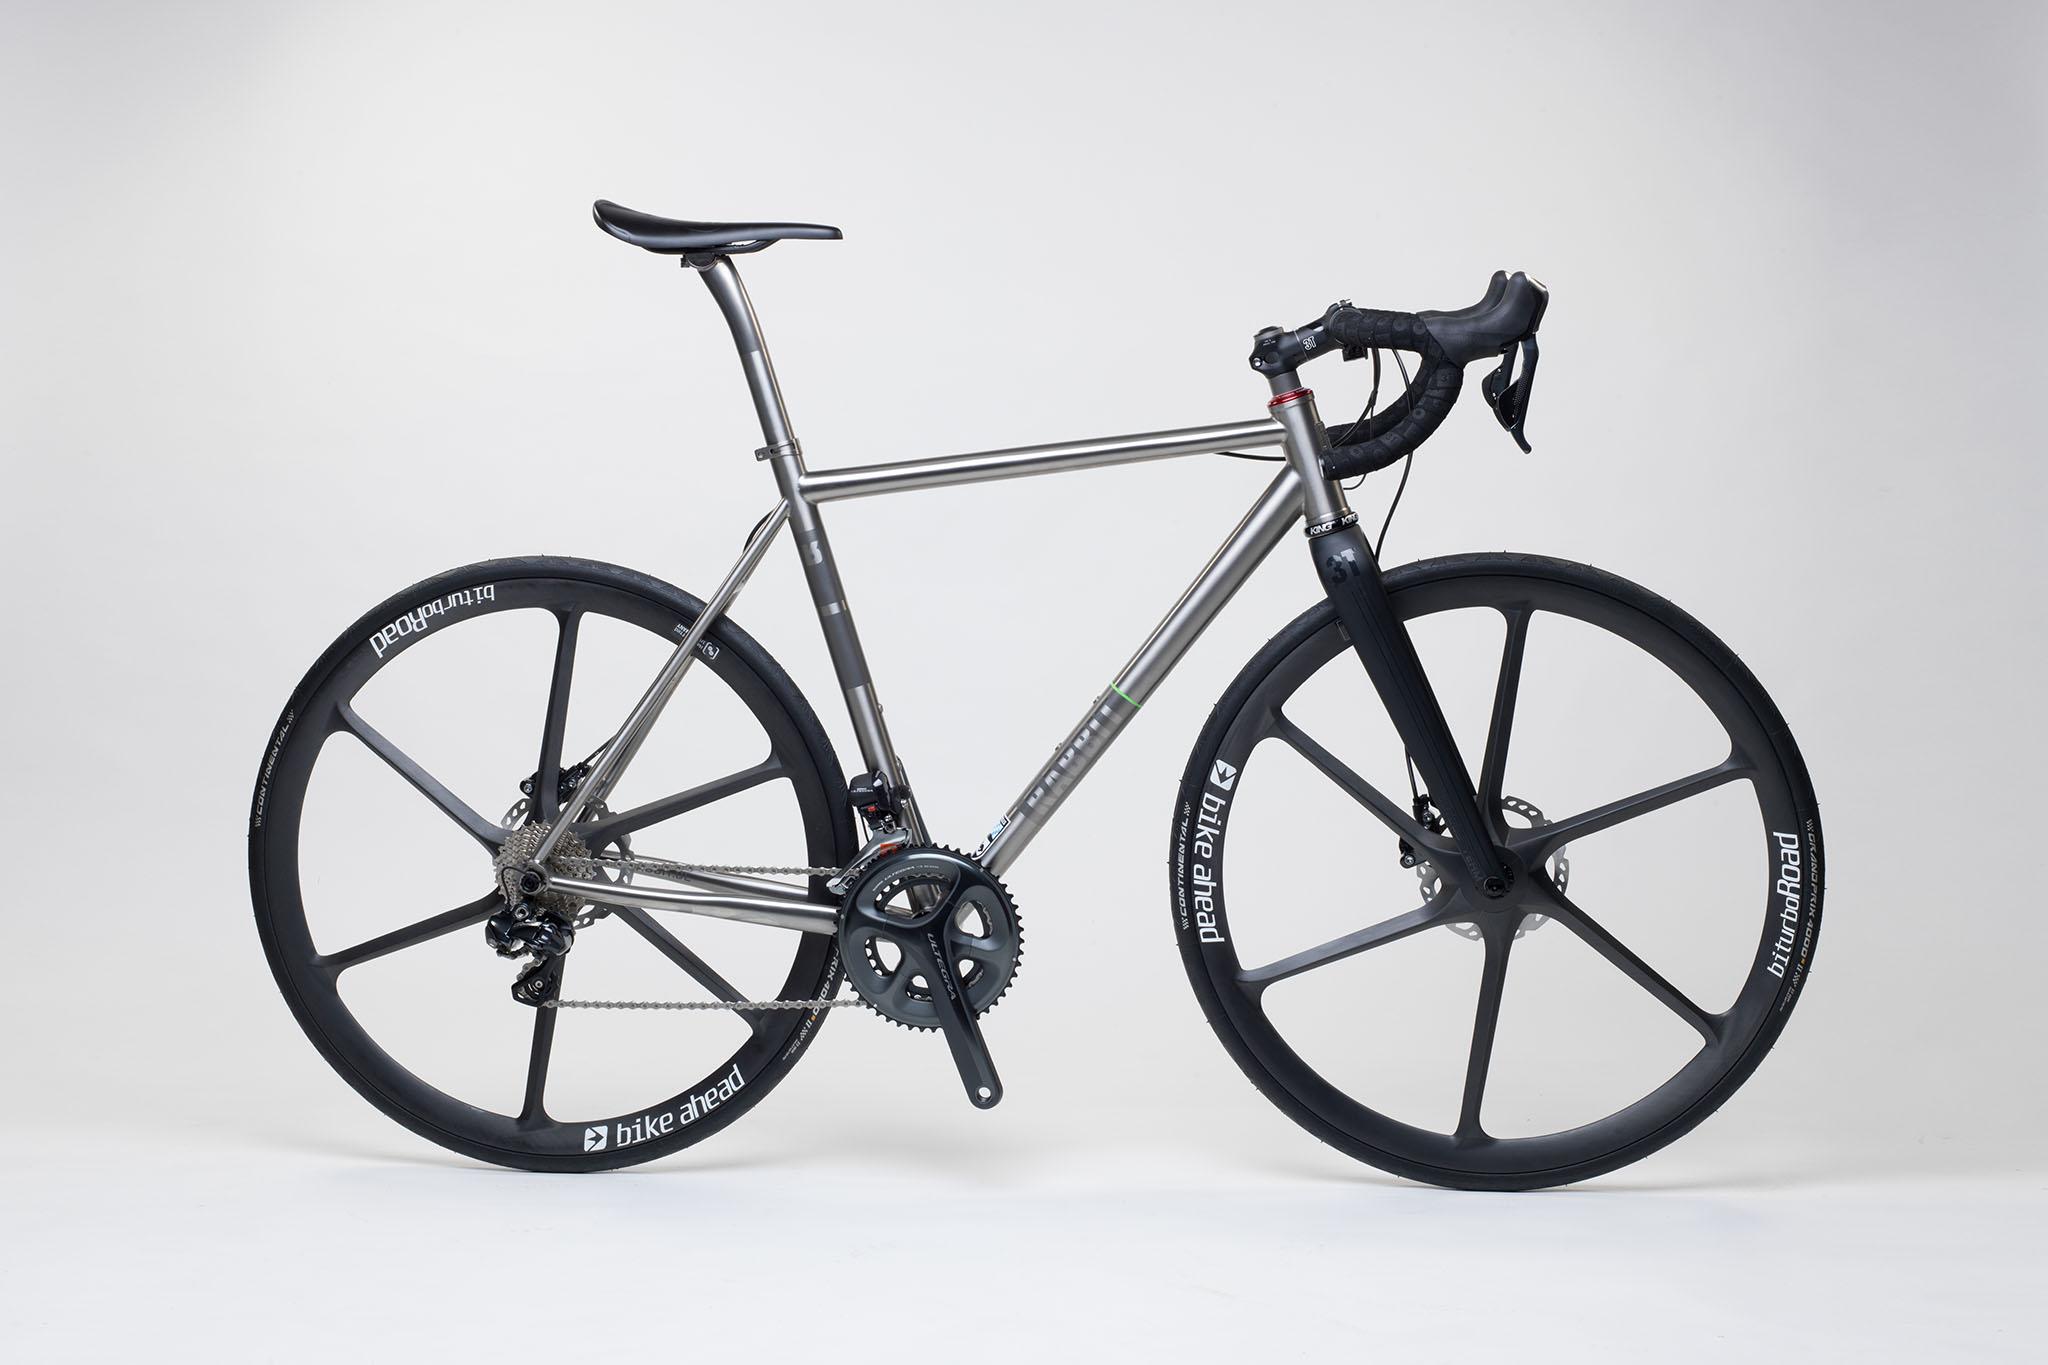 titan_road_disc_bike_ahead_carbon_wheels_13_from_rabbit_titan_cycles_bavaria